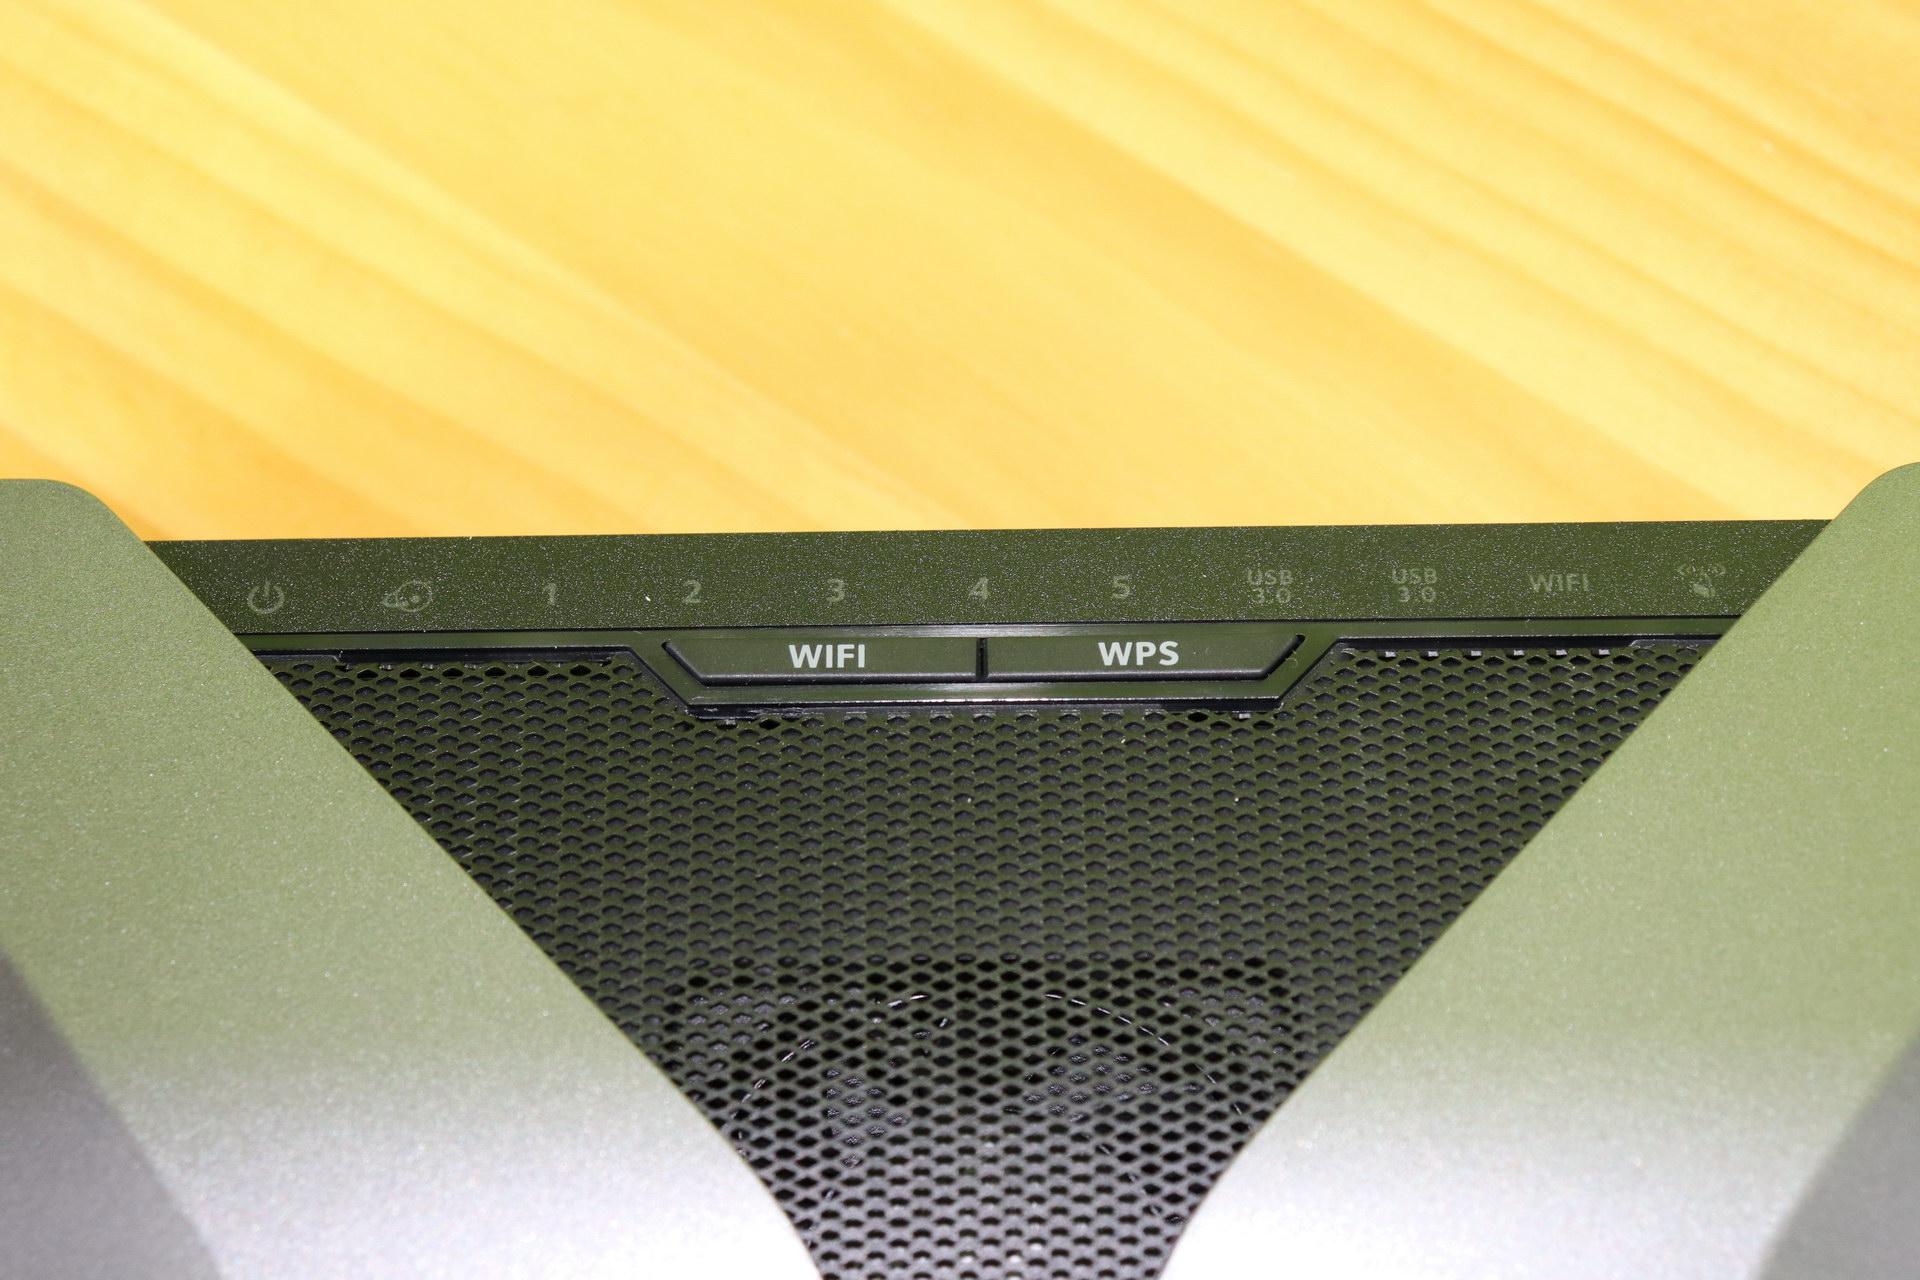 Botones Wi-Fi y WPS del router neutro NETGEAR Nighthawk AX8 RAX80